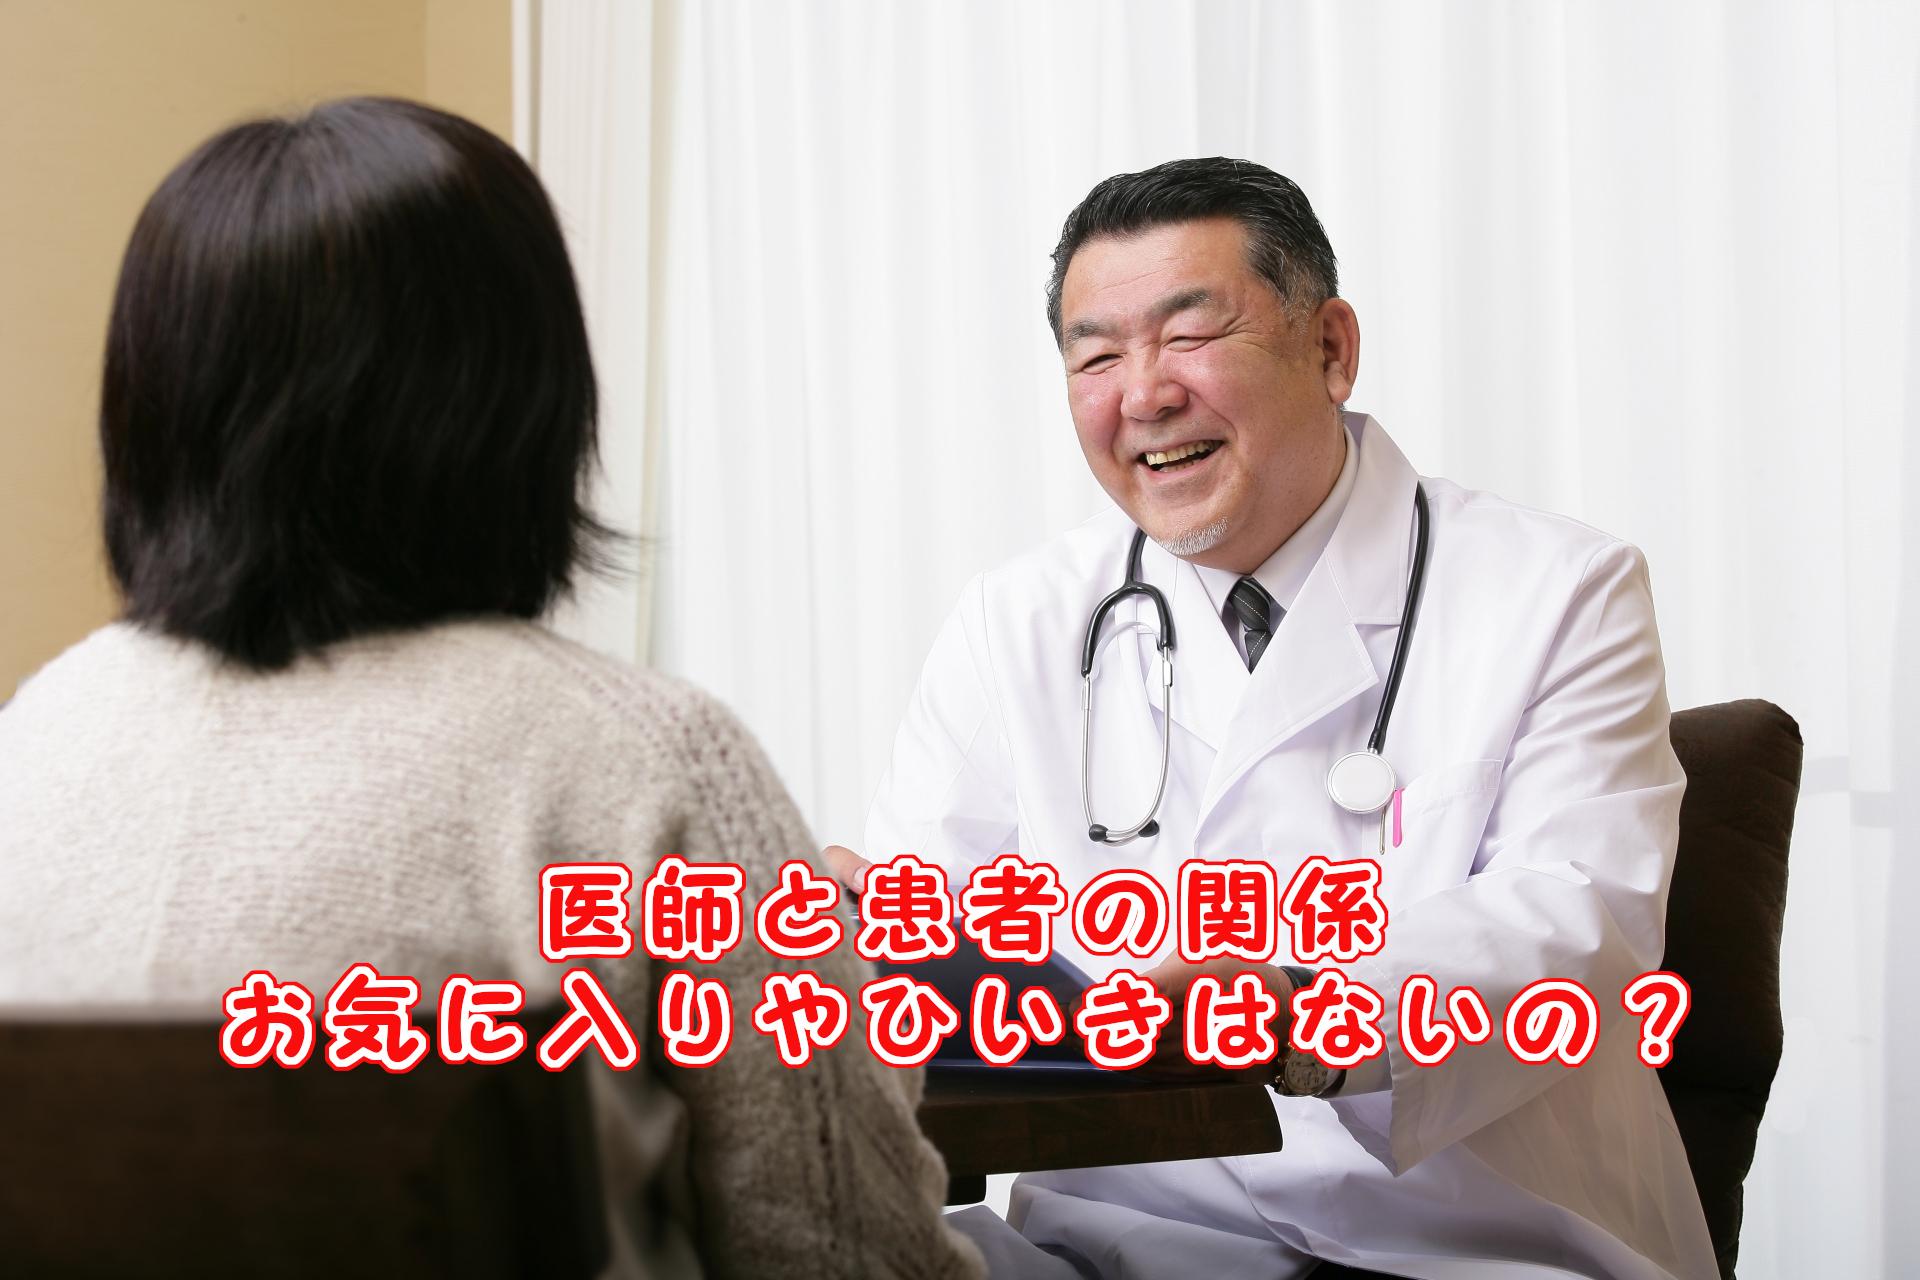 医師と患者の関係